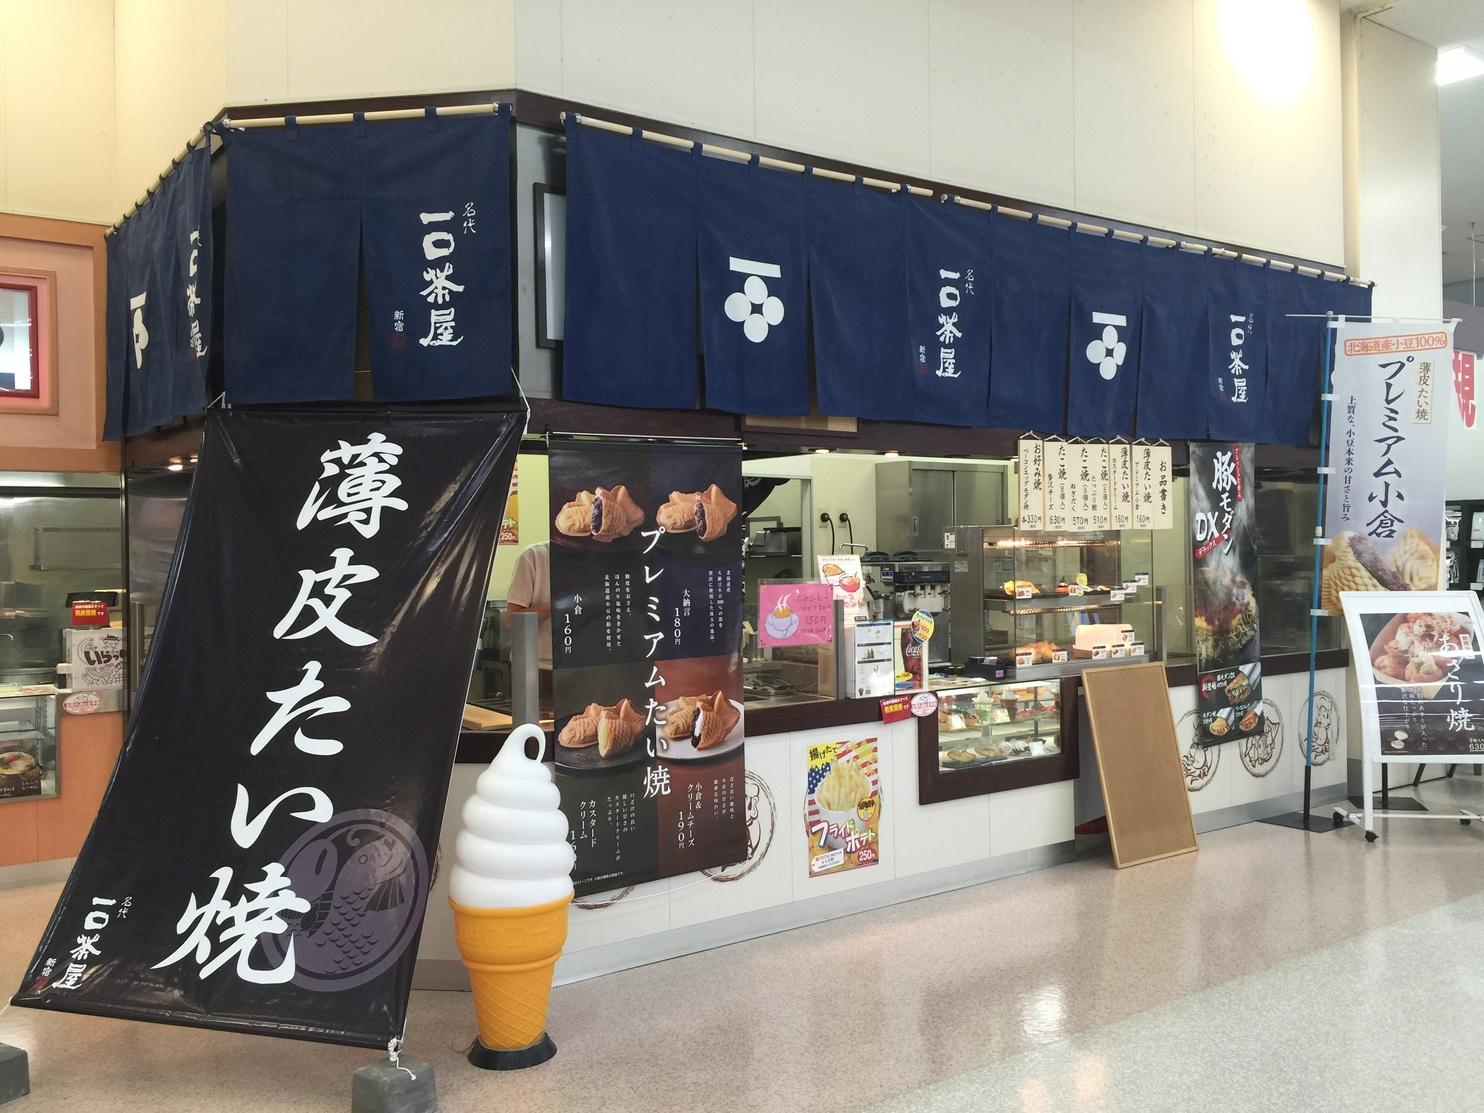 一口茶屋 スーパーアークス大曲店